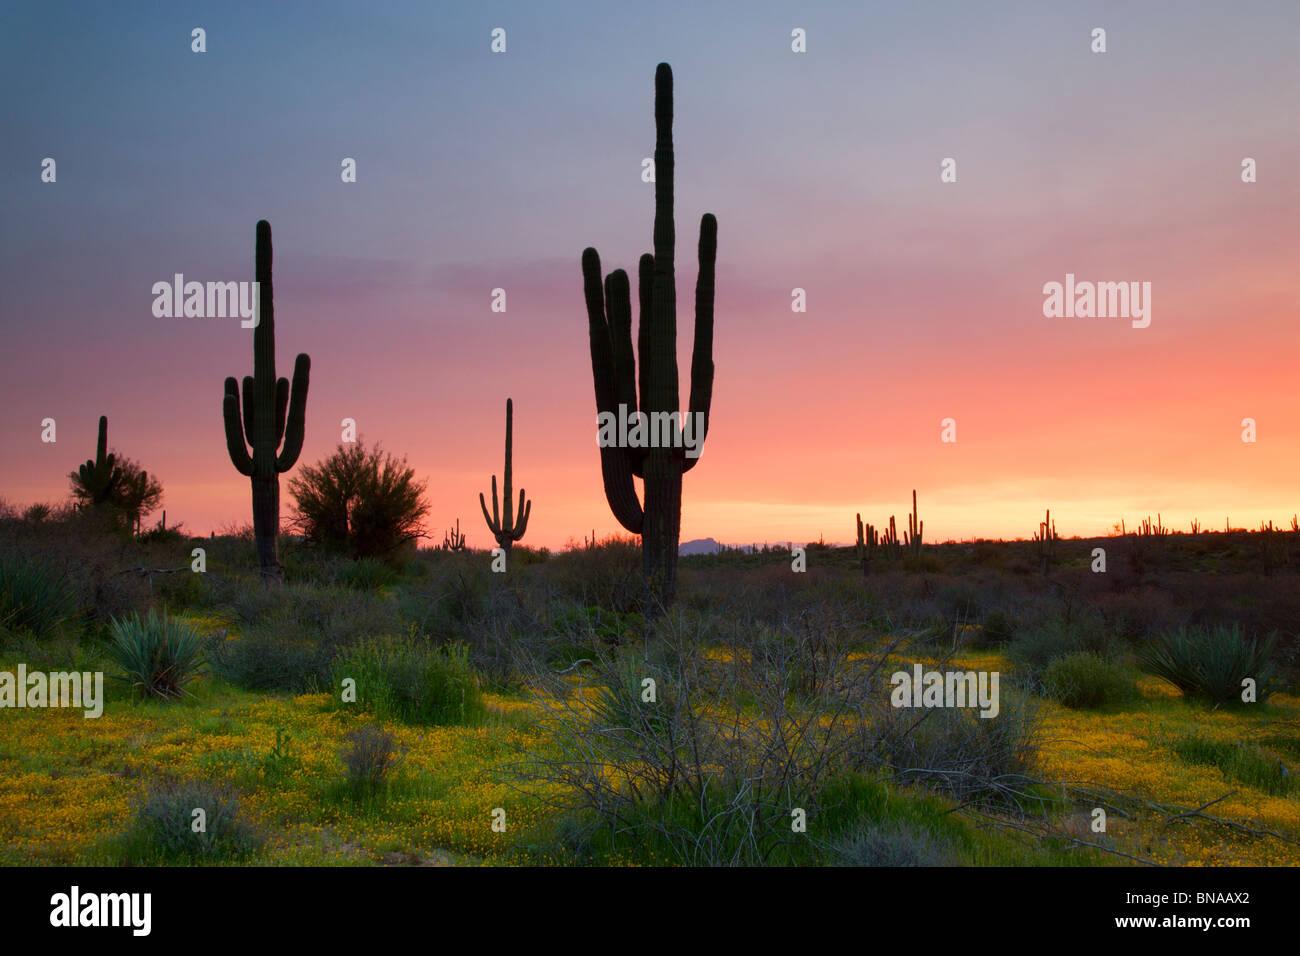 Tonto National Forest östlich von Phoenix, Arizona. Stockfoto